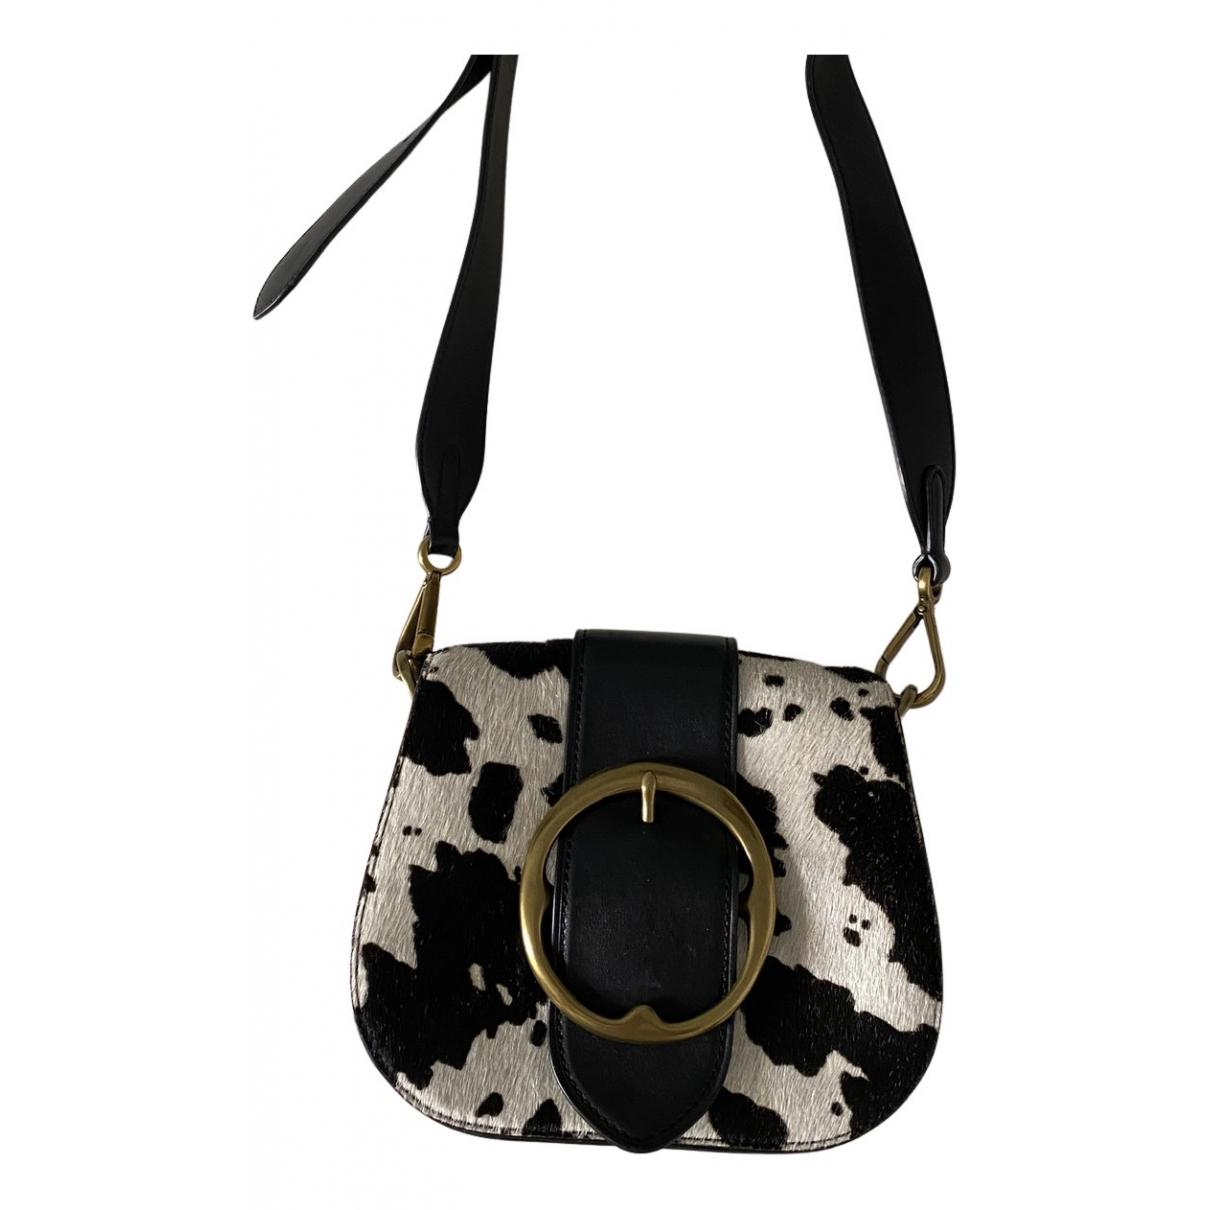 Ralph Lauren \N Handtasche in  Schwarz Kalbsleder in Pony-Optik